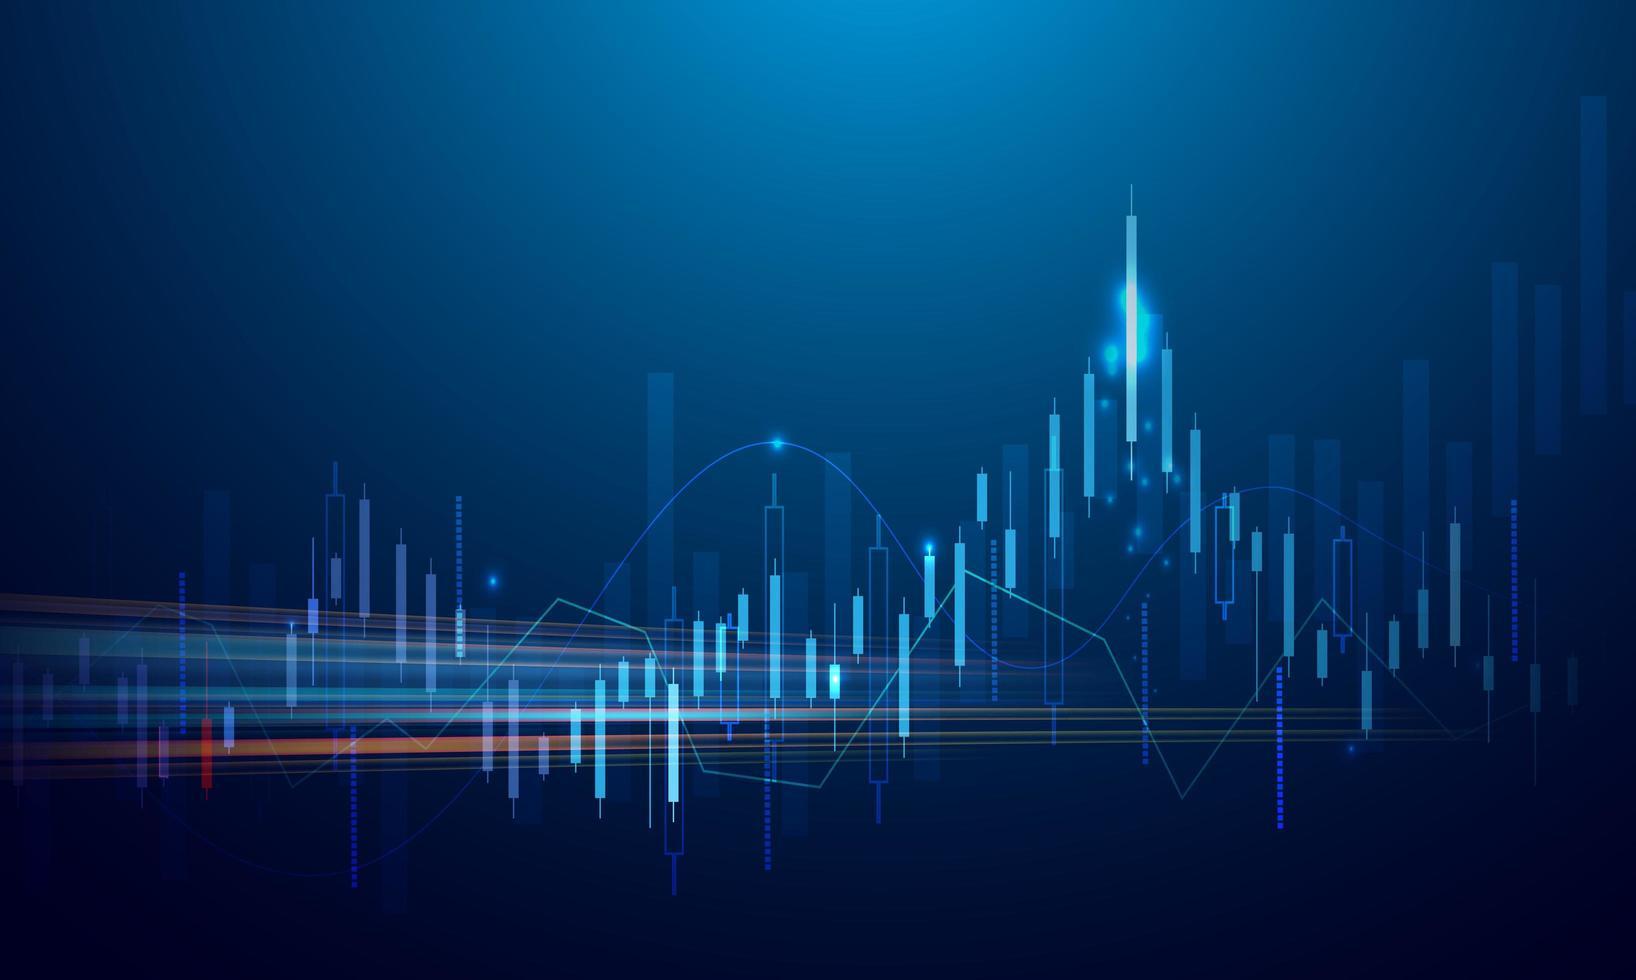 zakelijke graph-grafiek van aandelenmarktinvesteringen op blauwe achtergrond vector